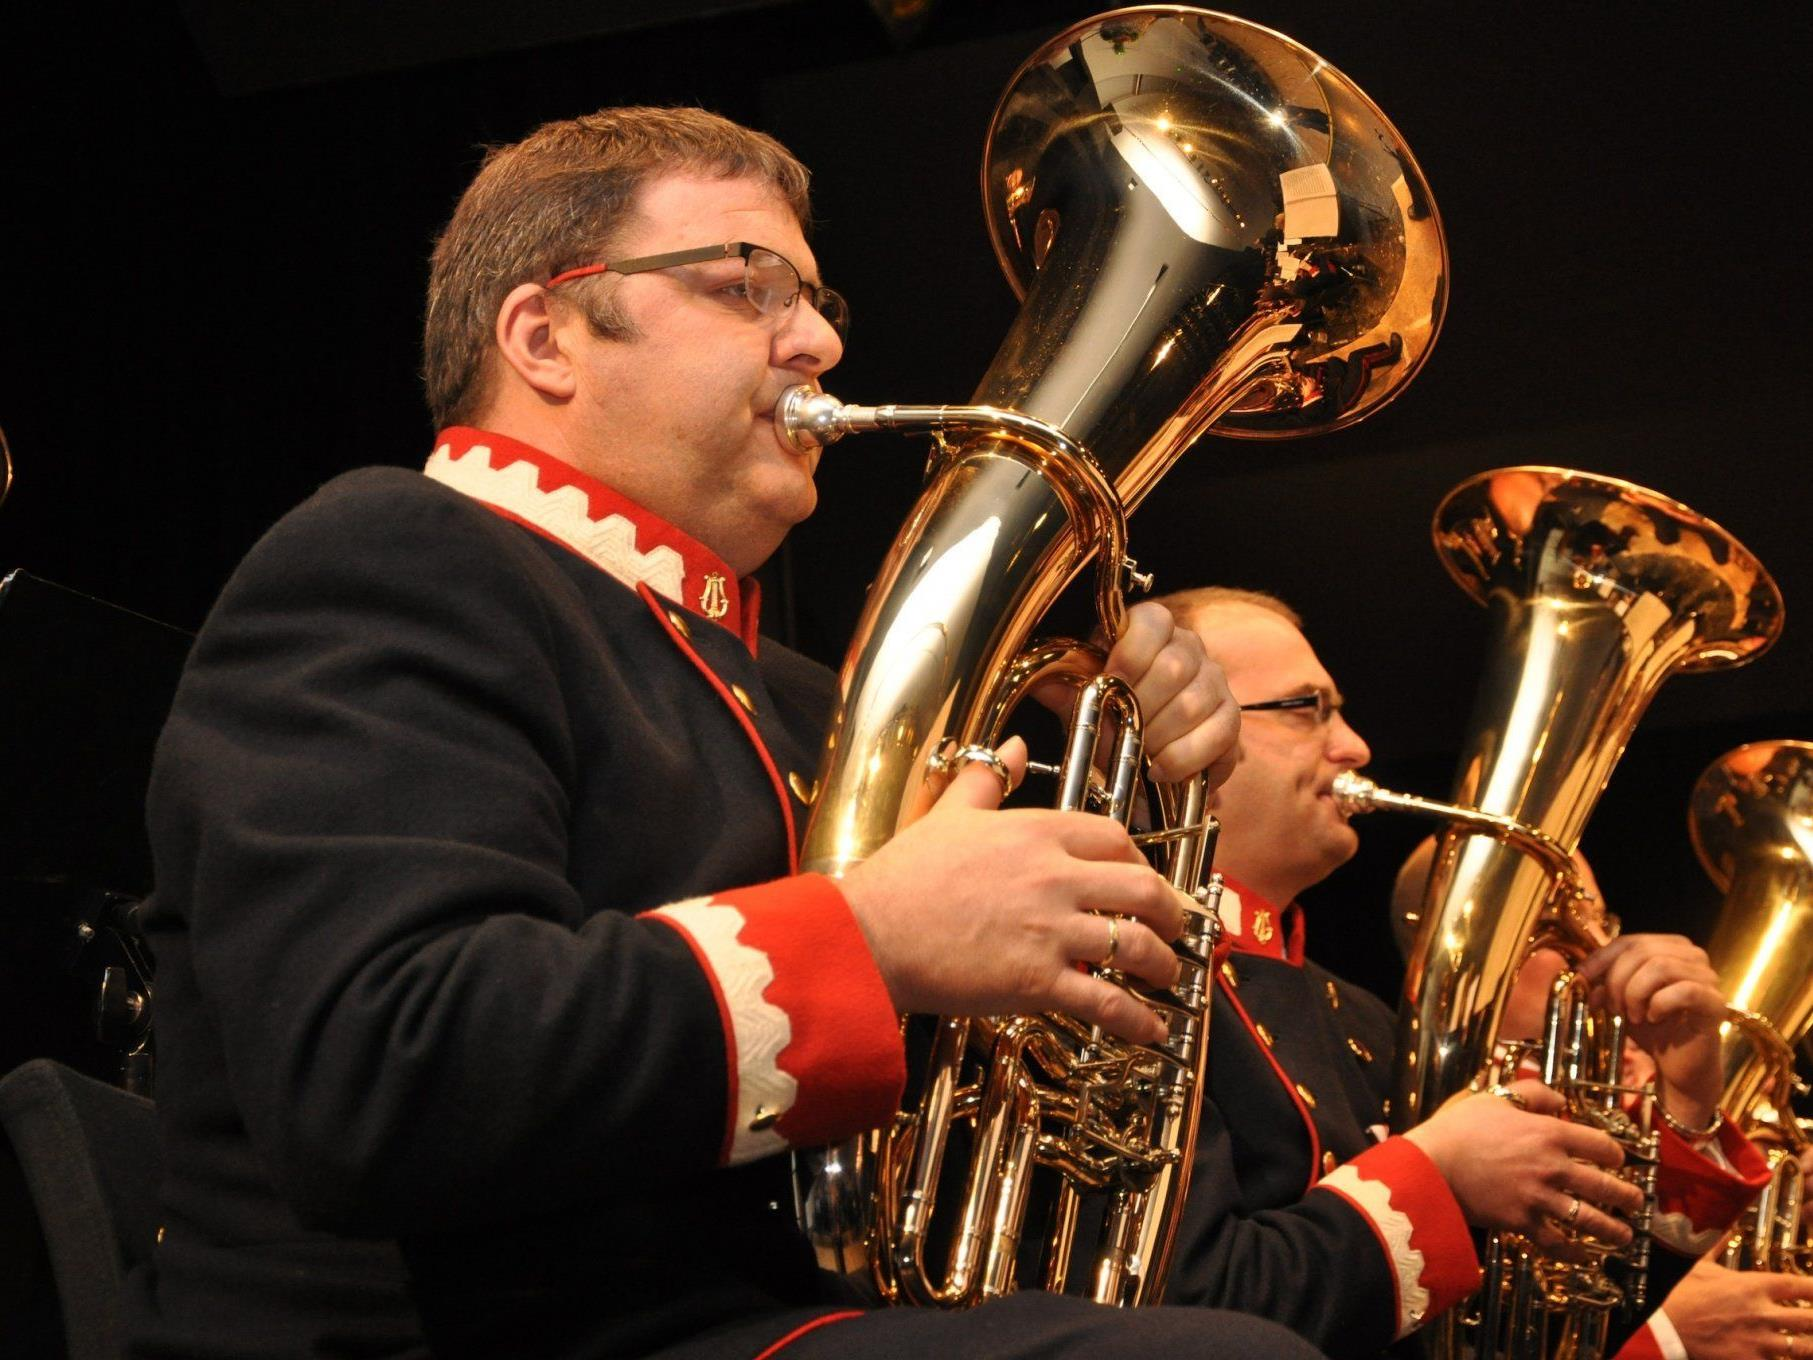 Das Jahreskonzert des Musikvereins Hörbranz ging mit 62 Musikerinnen und Musikern über die Bühne.